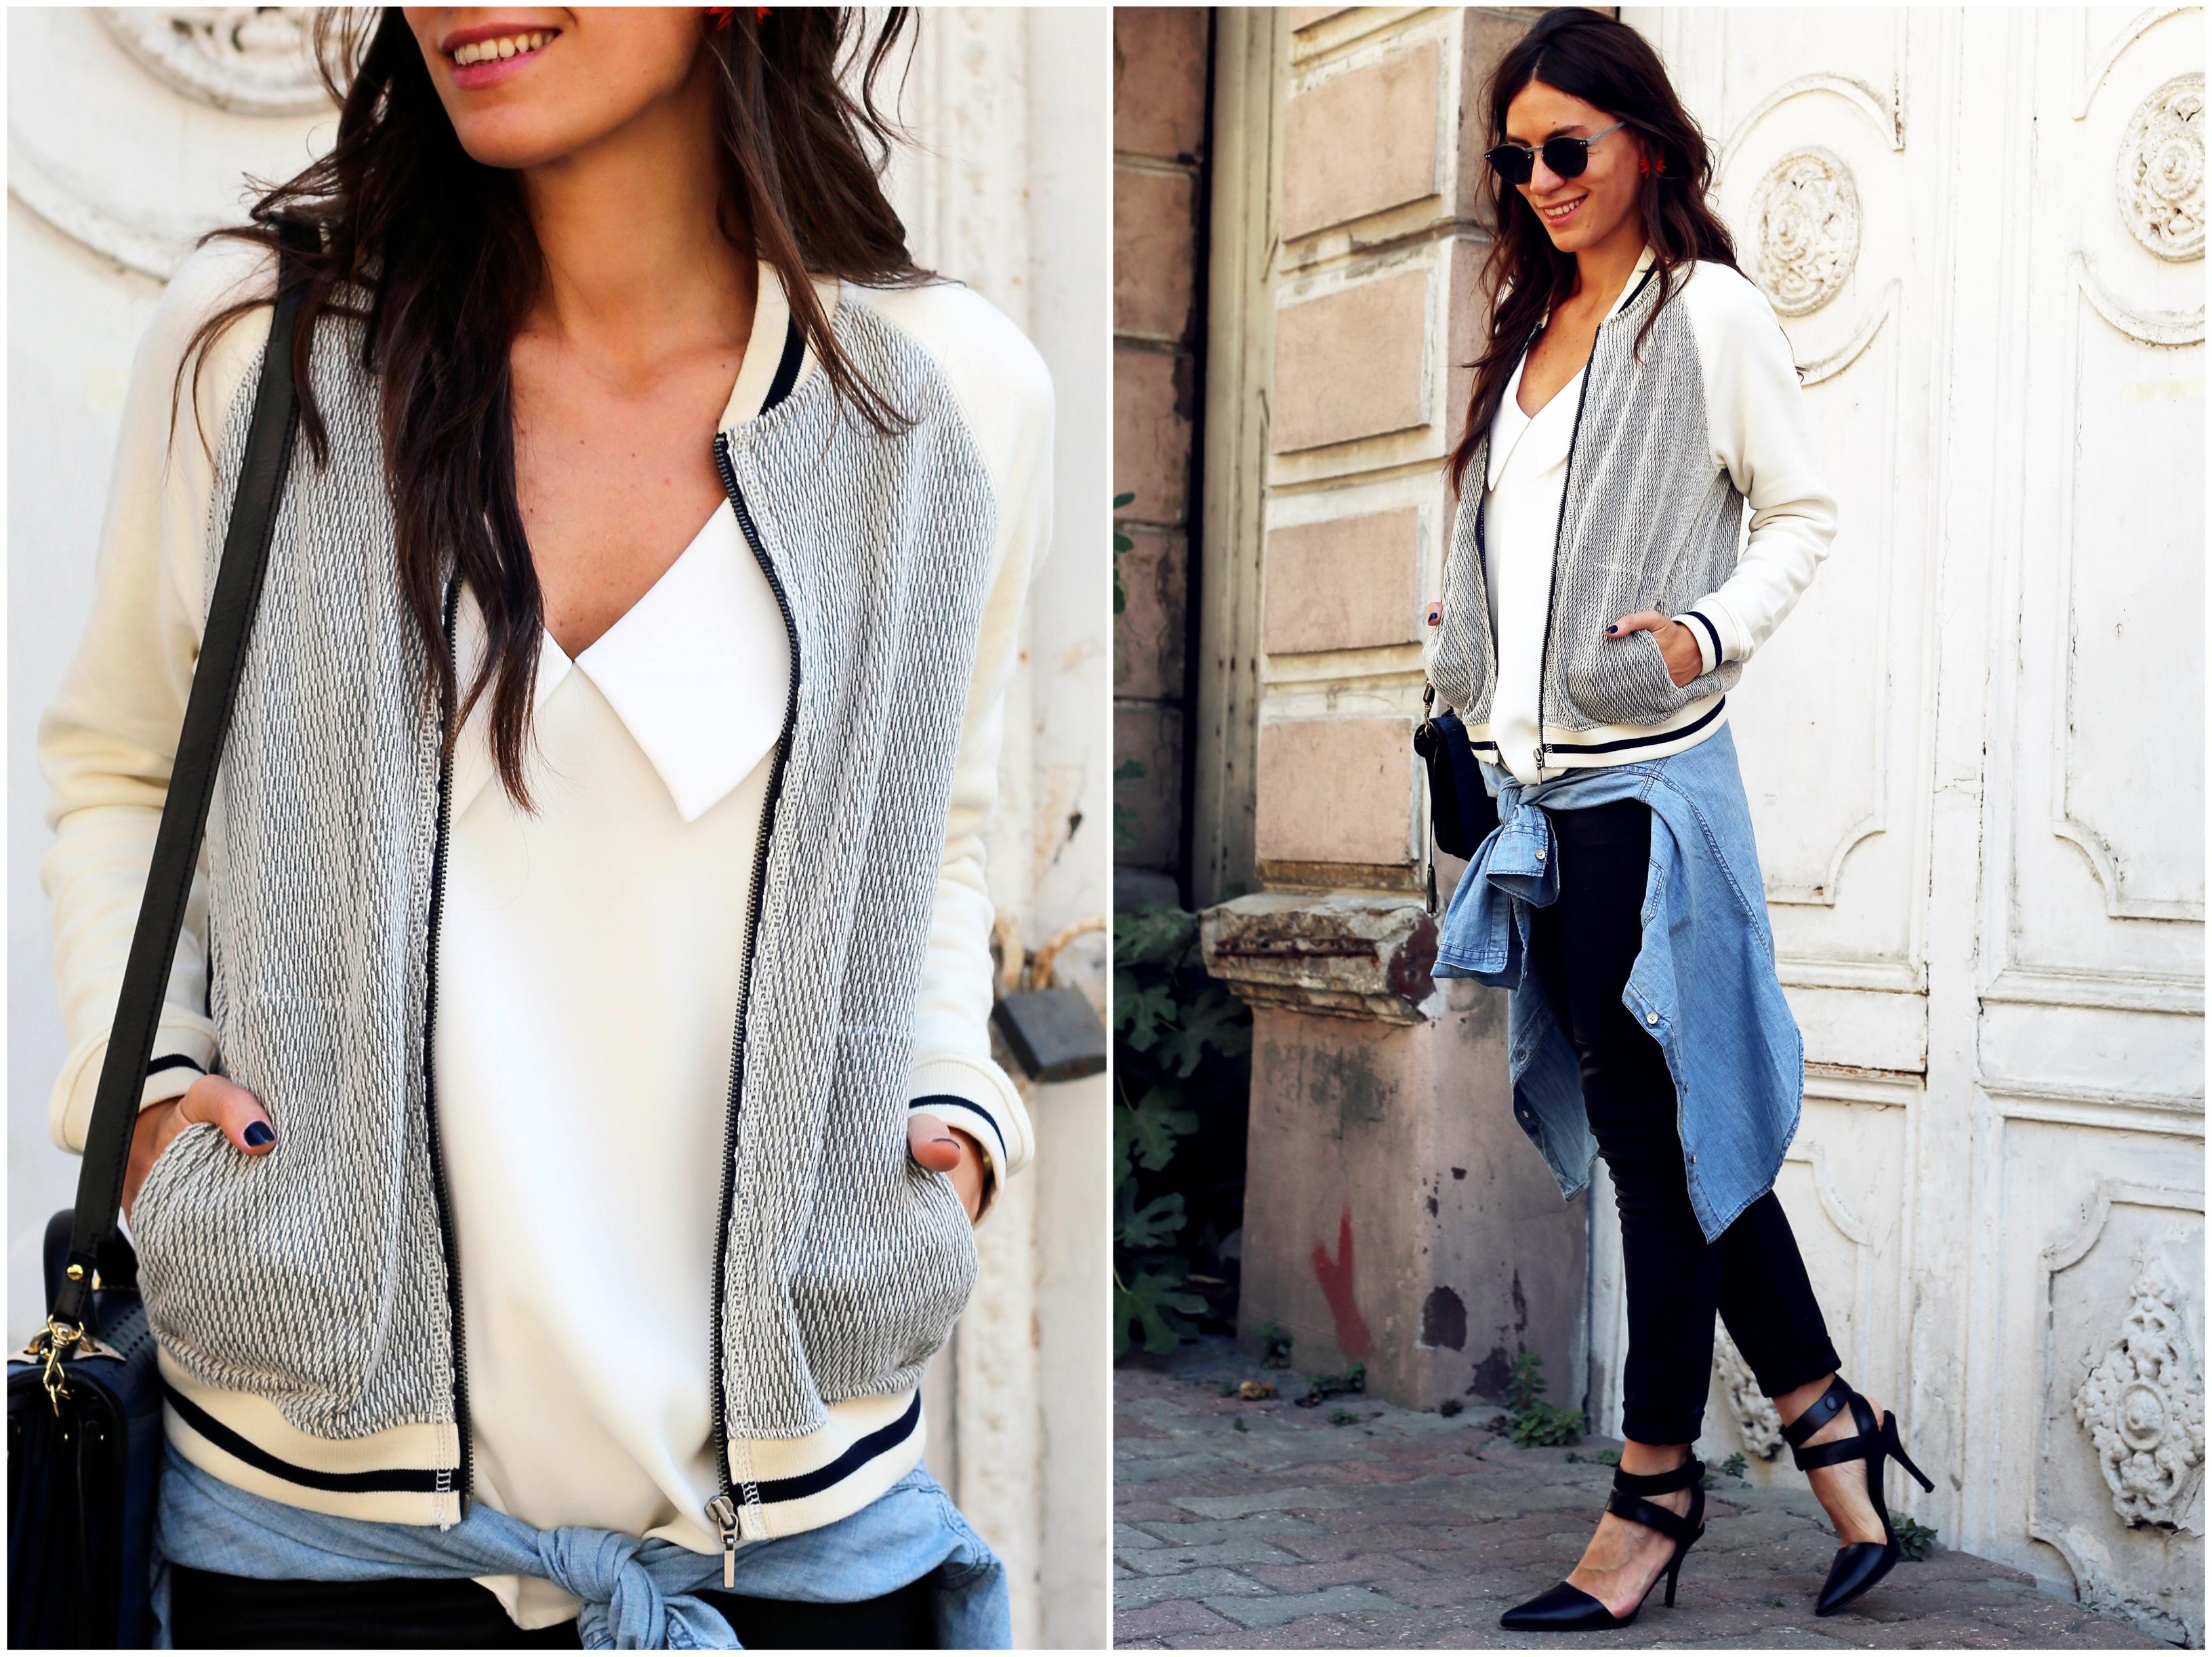 gap, styld.by, offnegiysem, street style